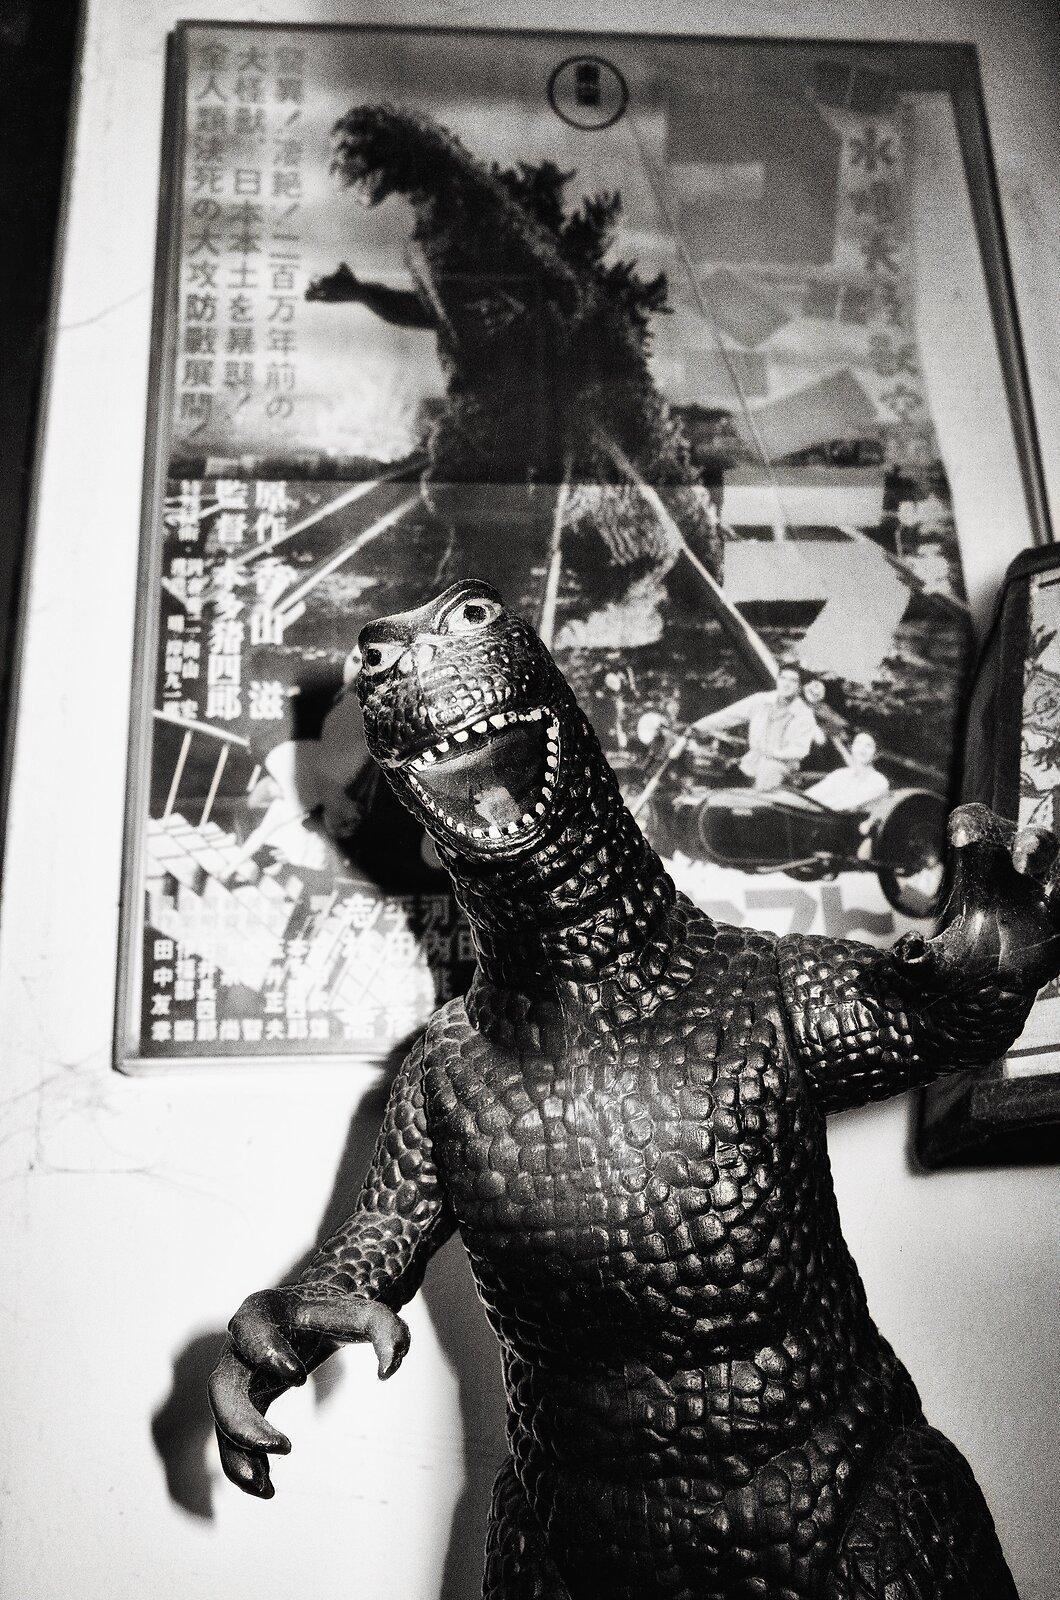 GRII_May24_My_Godzilla_Head-On.jpg